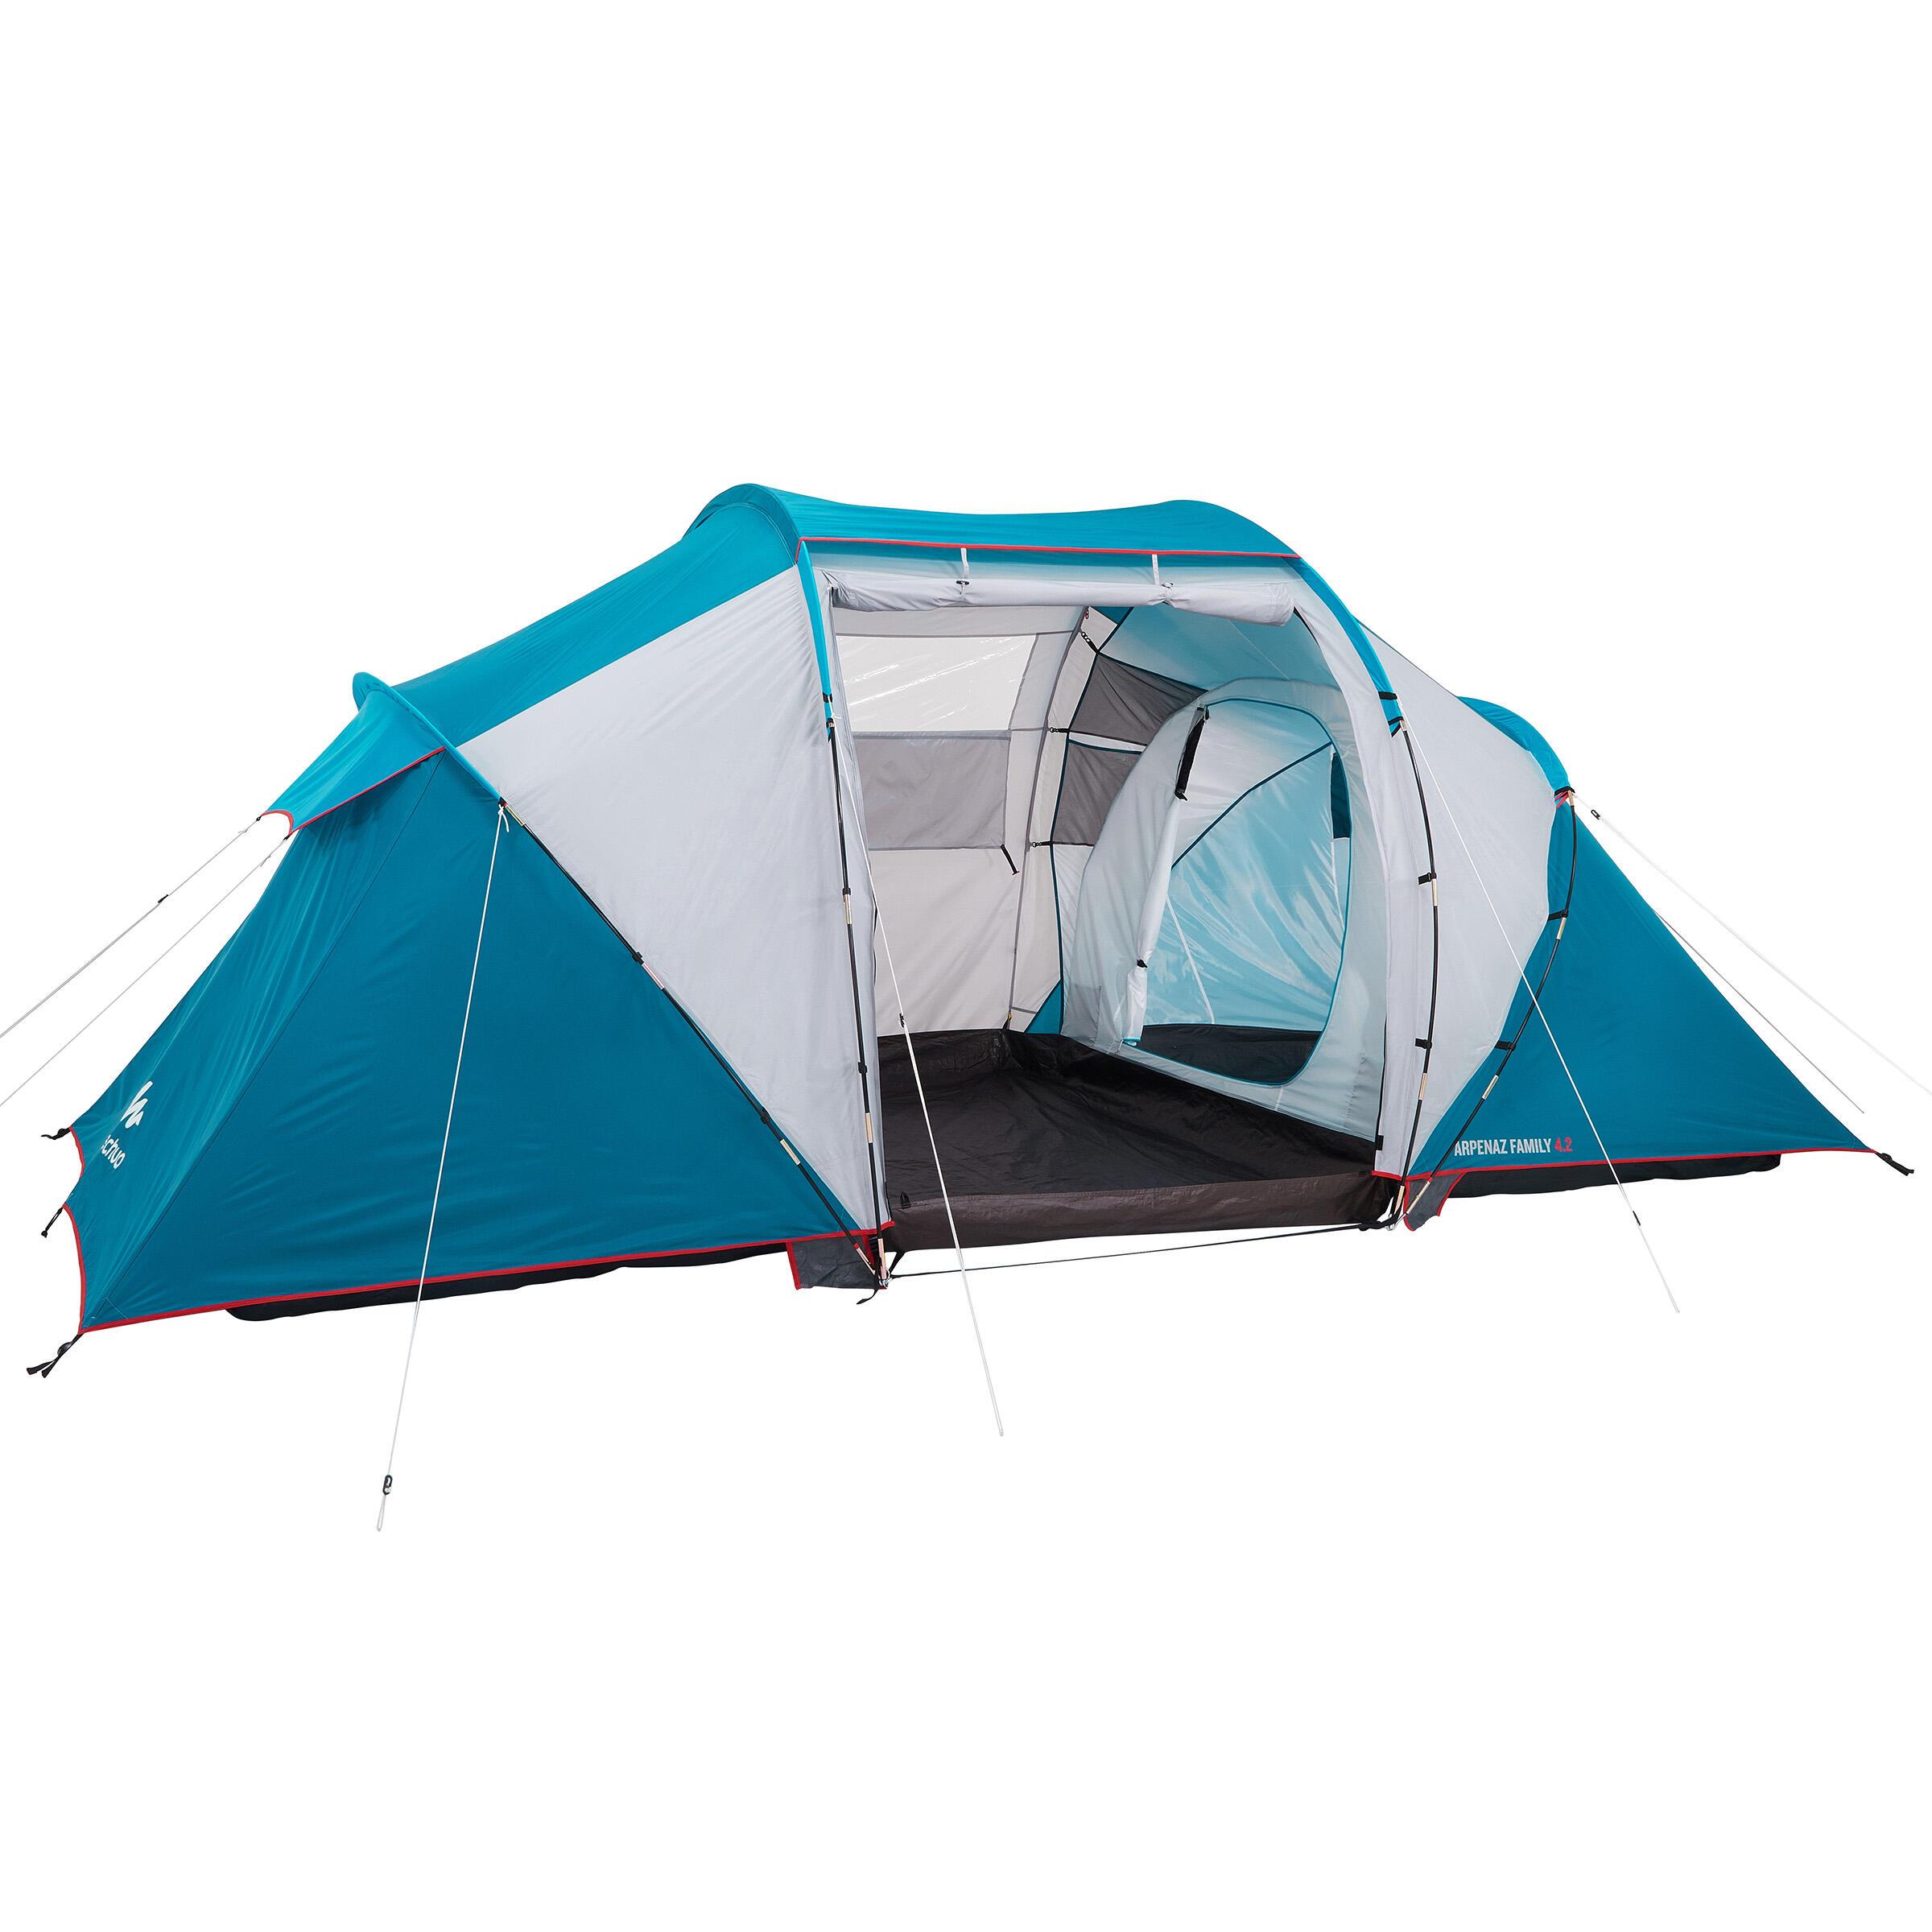 Quechua Tent 4 personen met bogen ARPENAZ 4.2 | 2 slaapcompartimenten